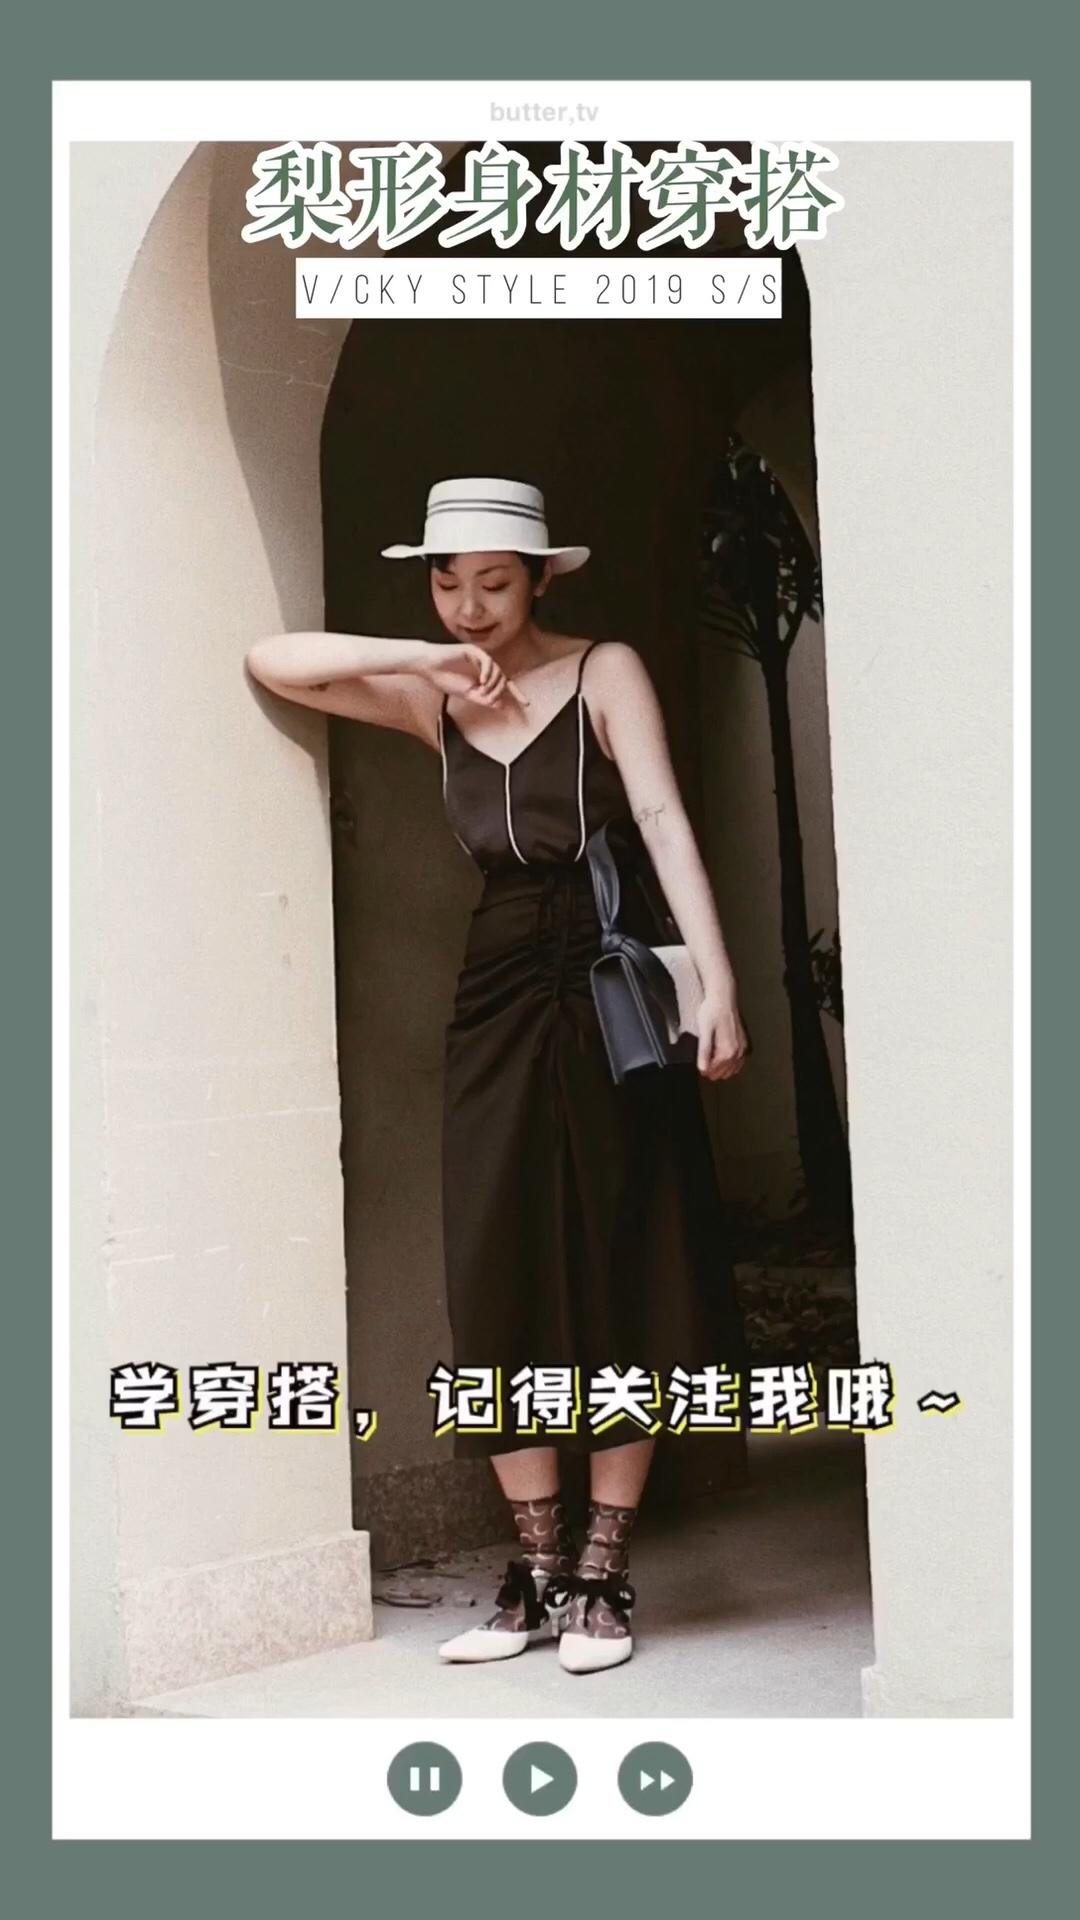 #618必入,不用修腿的小裙子!# 简约一身黑,拉长比例的收腰搭配! 夏日最适合的吊带也是梨形身材的福音啦